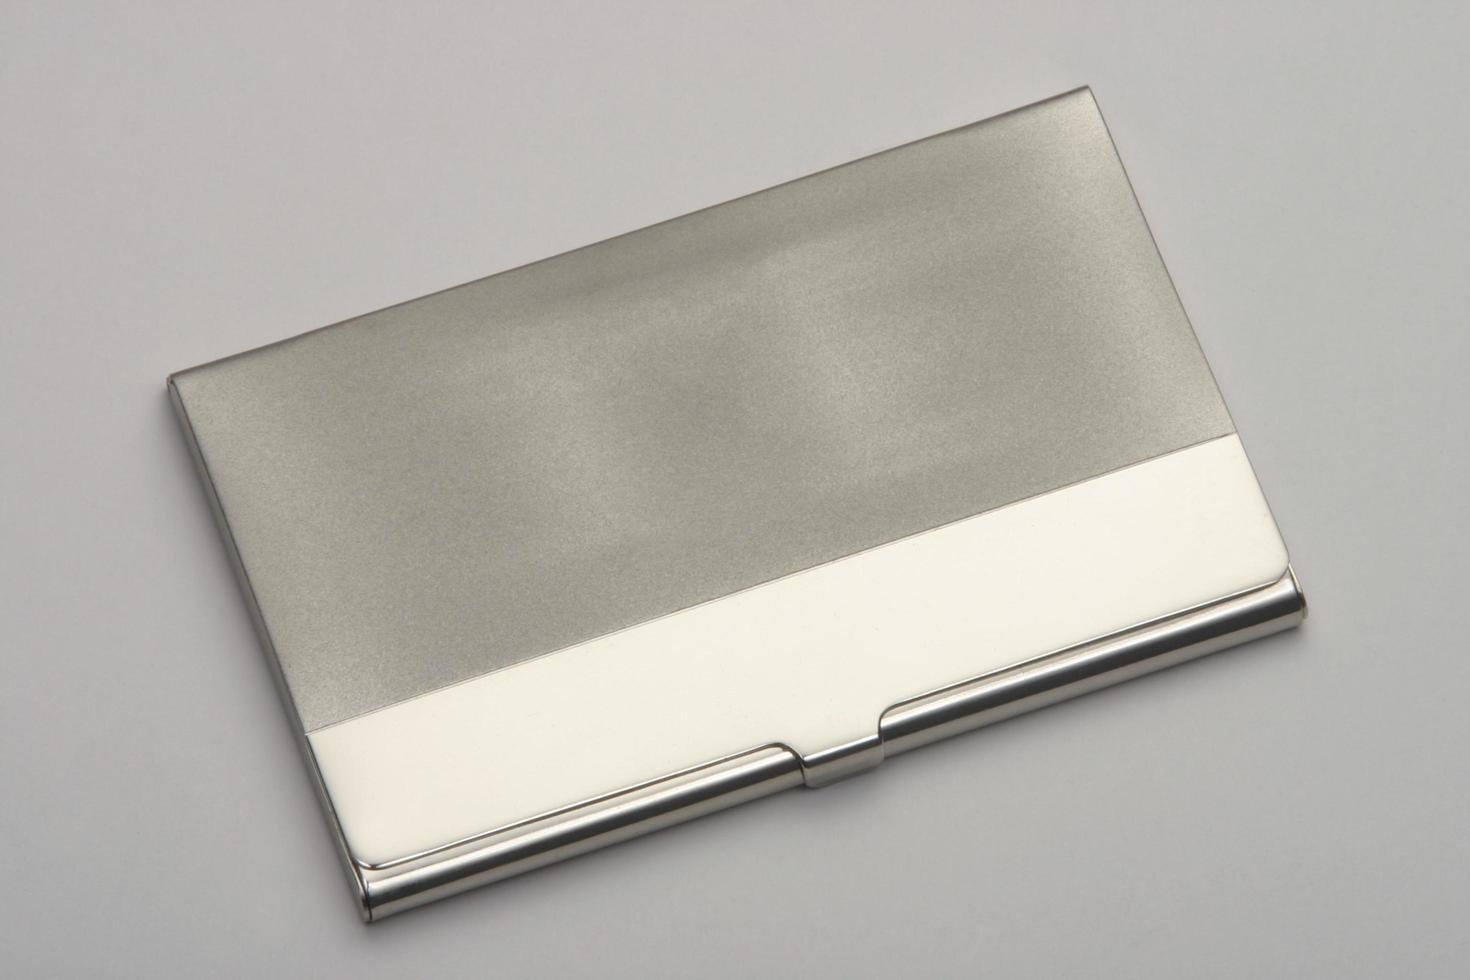 visitkortslåda av silver foto